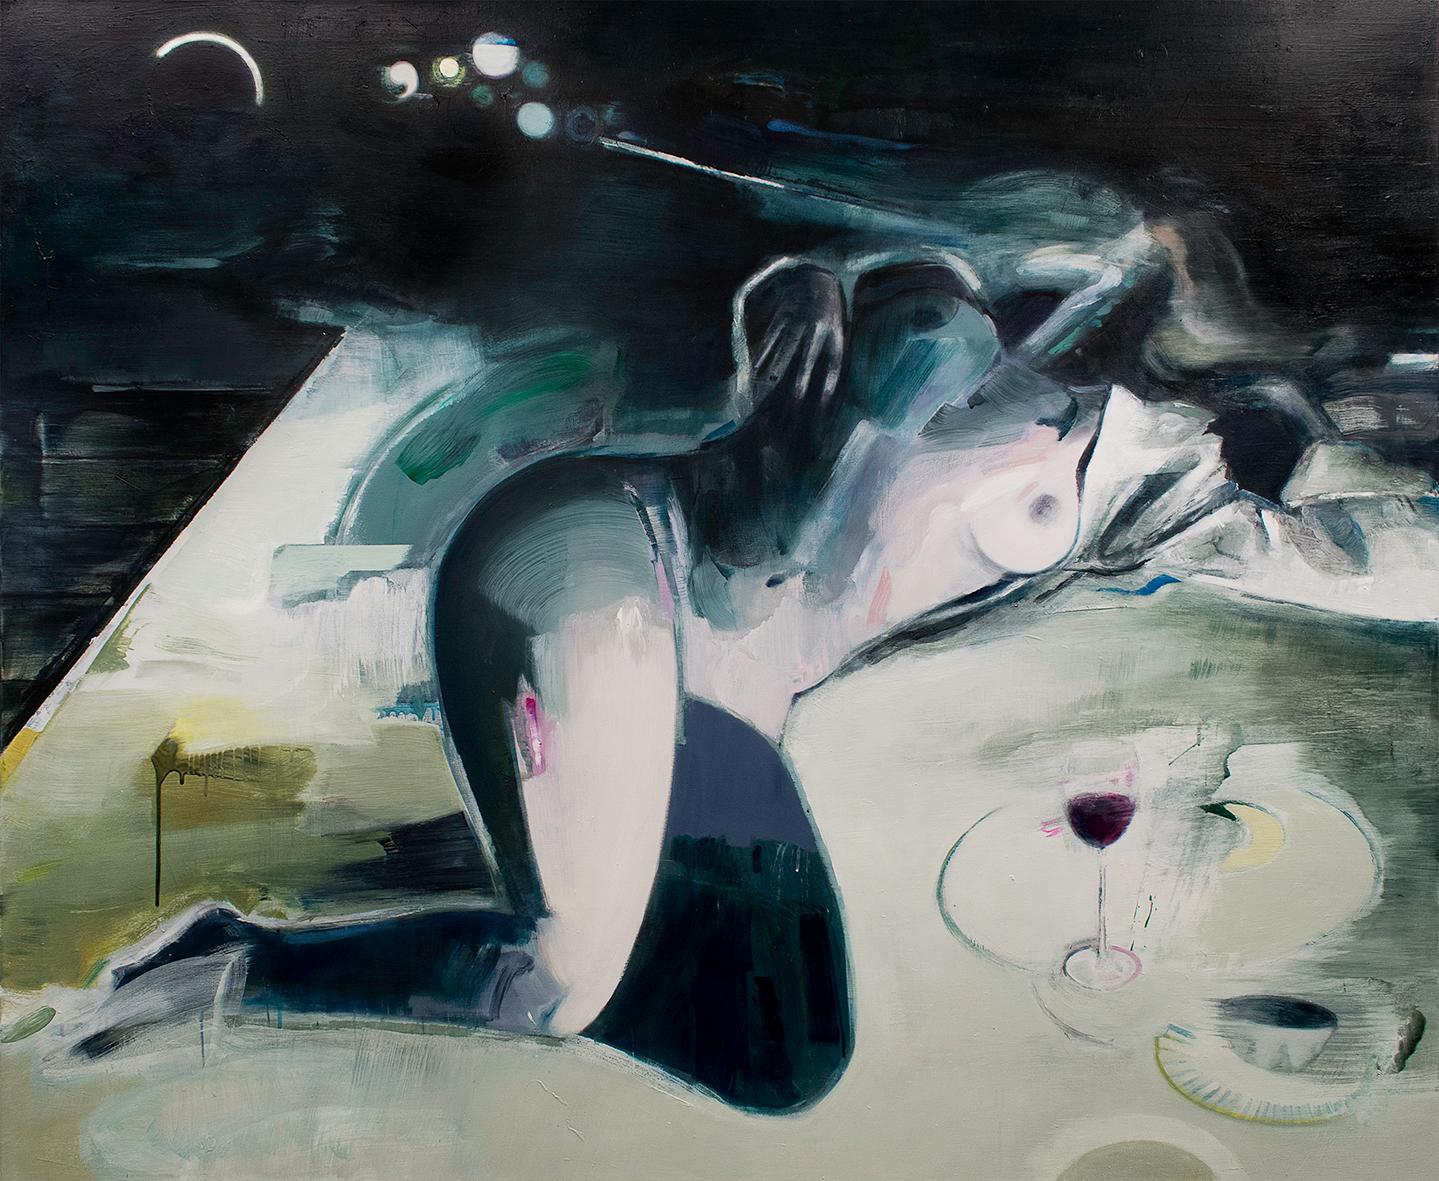 Between breathing and wine. 170x140 cm. Et maleri af Marck Fink